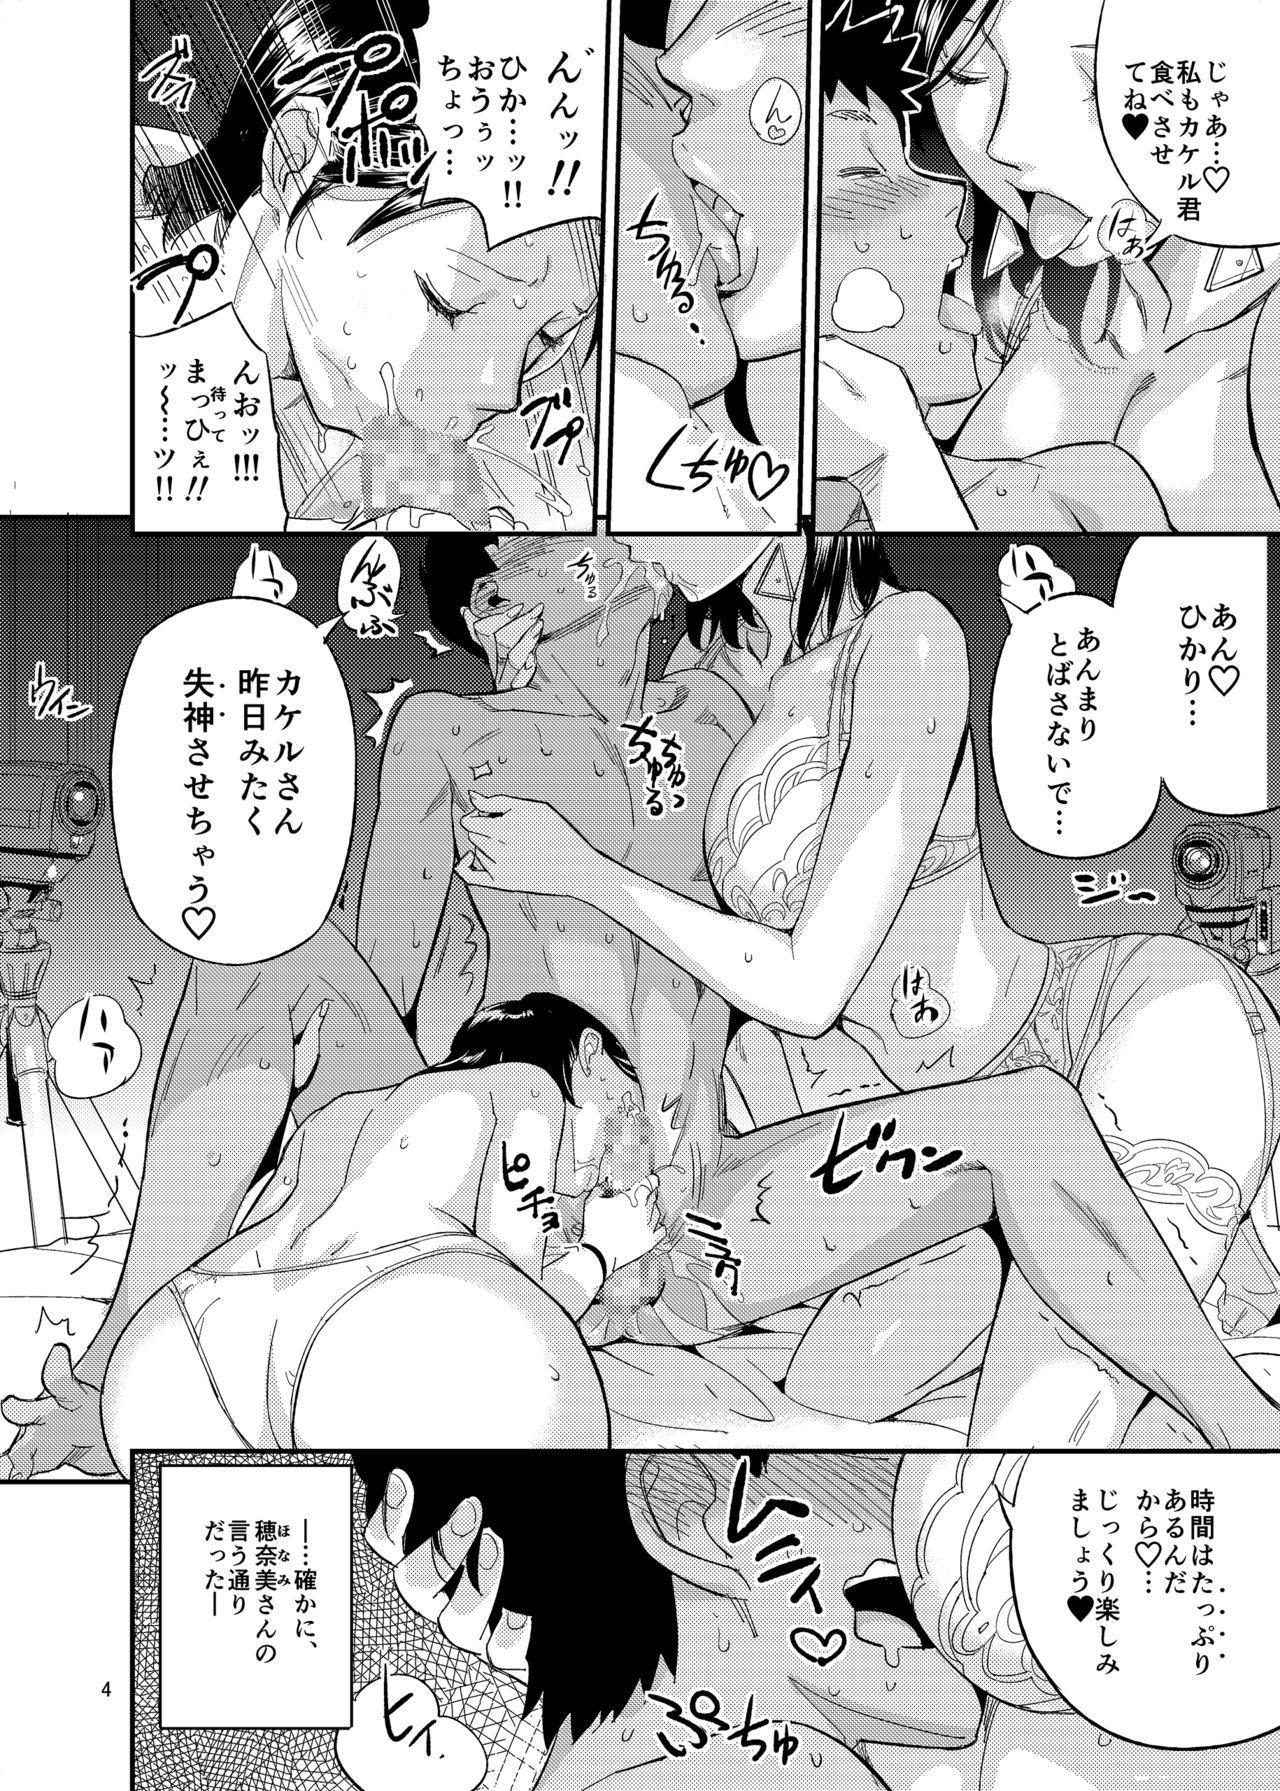 Hikari no Housoku 3